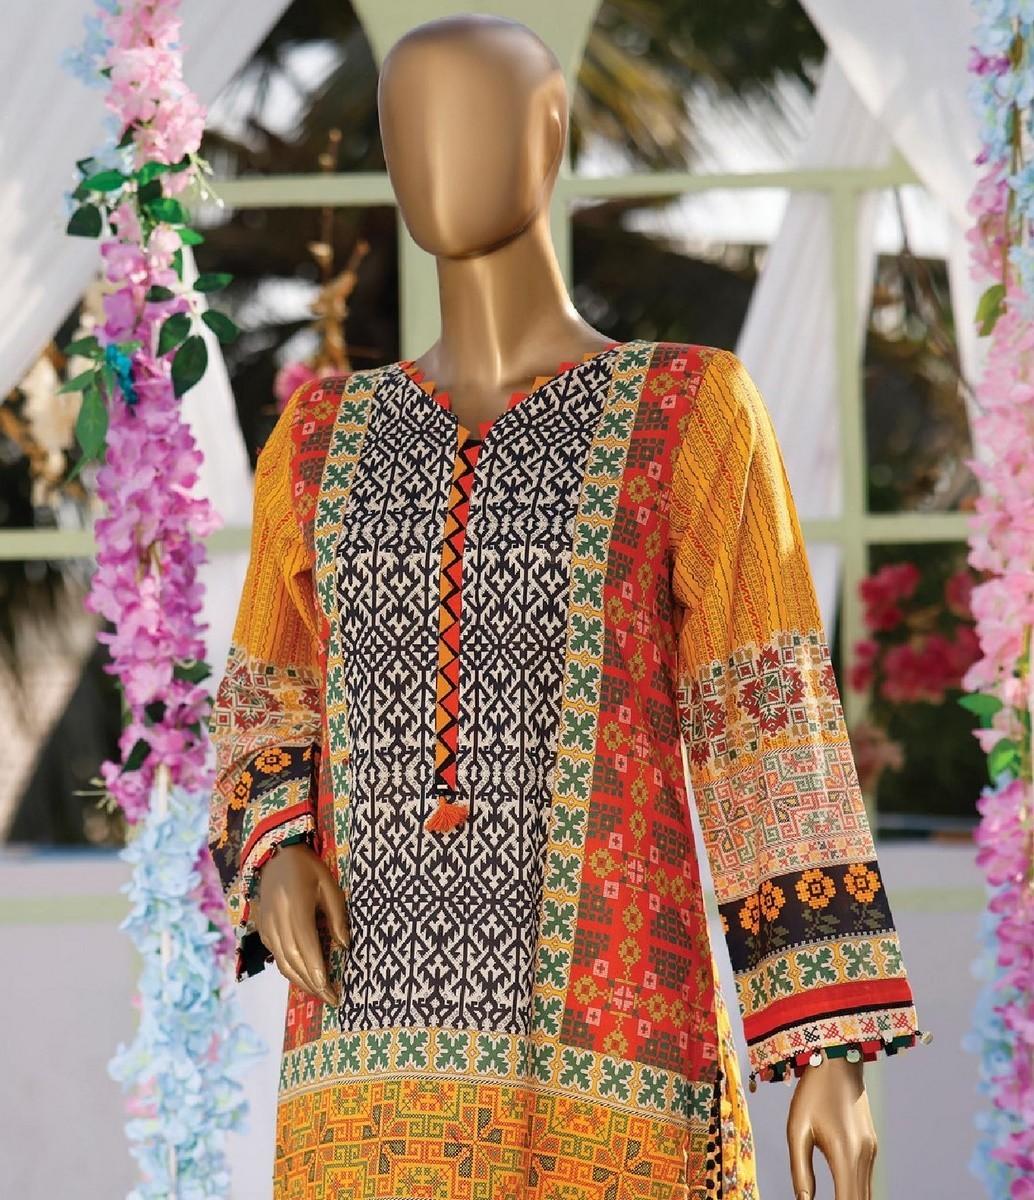 /2021/05/sadabahar-stitched-print-kurtis21-d-13-image3.jpeg